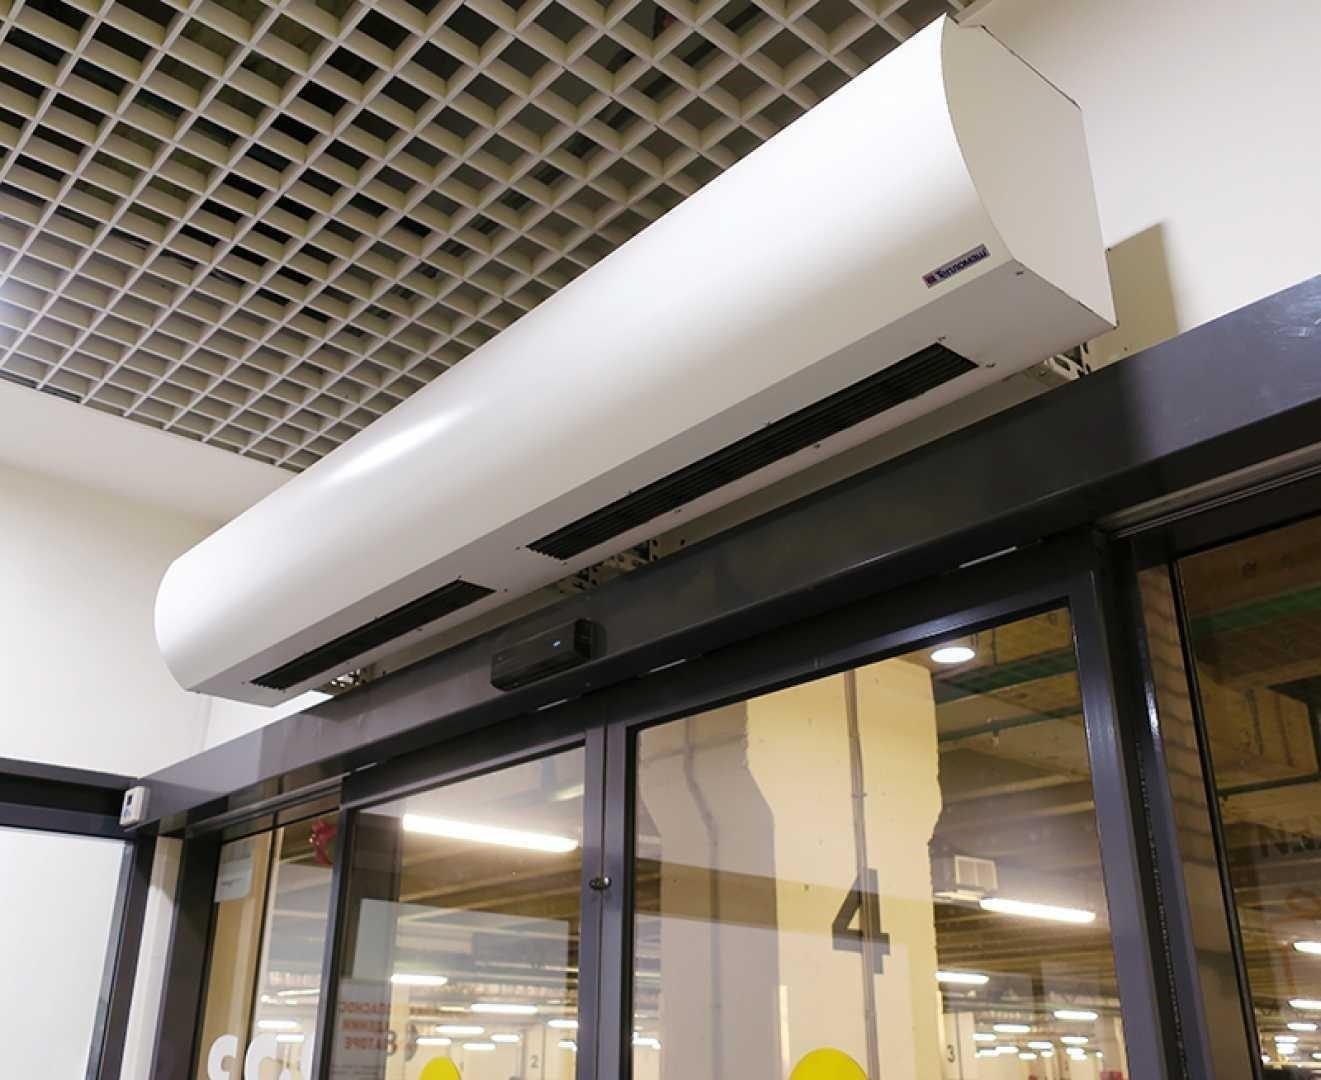 Тепловая завеса КЭВ-18П4050E - 18 кВт, (длина 1,5 м) для проемов высотой от 3-5 м.